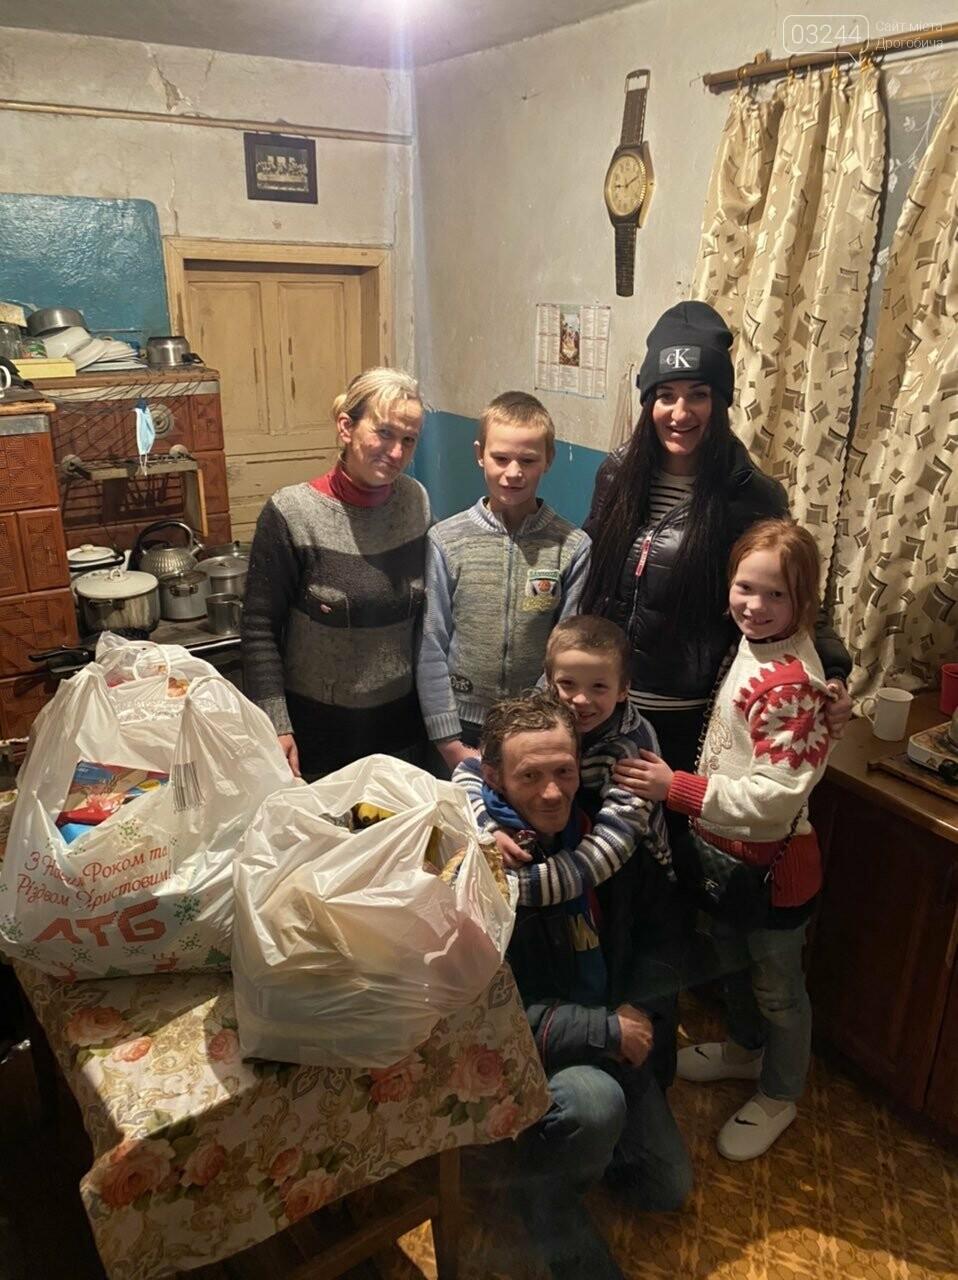 «Є сім'ї, які потребують не дорогих телефонів, а їжі та одягу», - Катя Максимова про благочинну акцію для потребуючих родин, фото-15